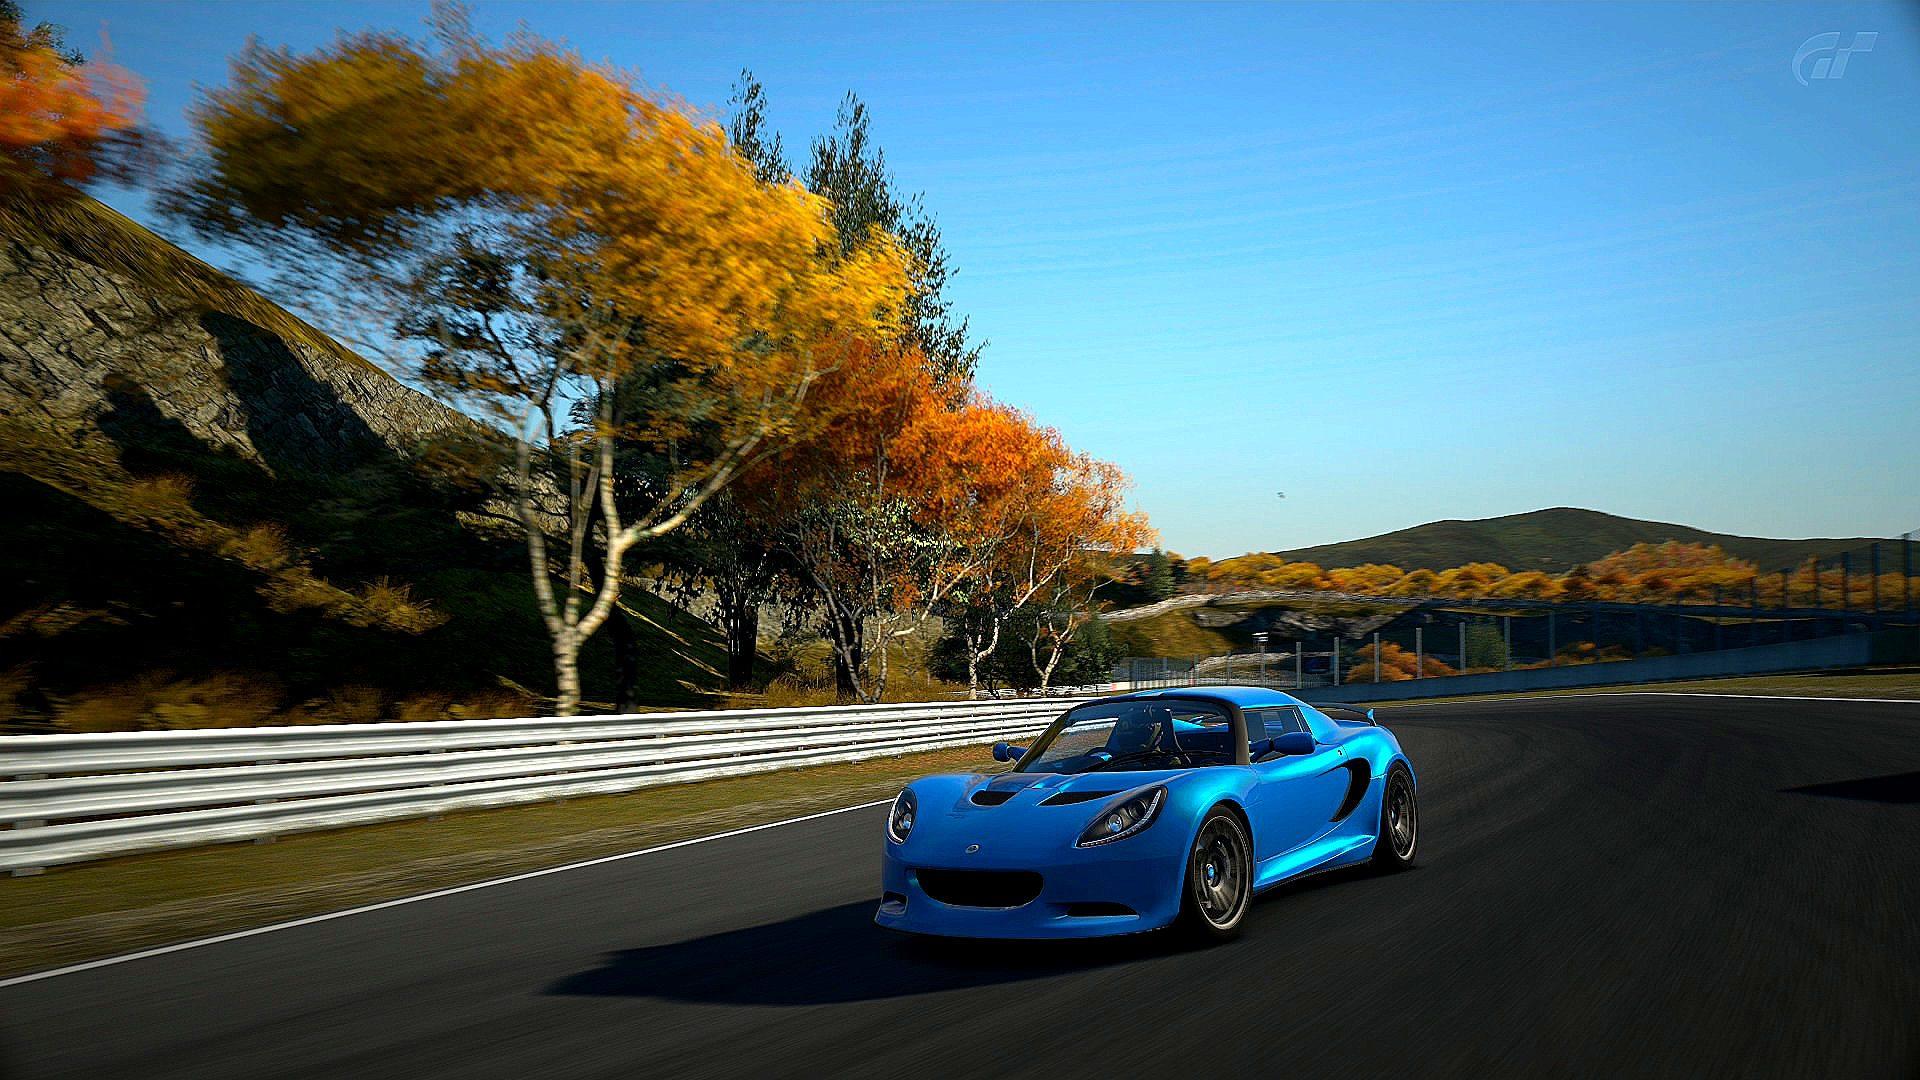 Lotus Exige S Replica - Autumn Ring_3.jpg